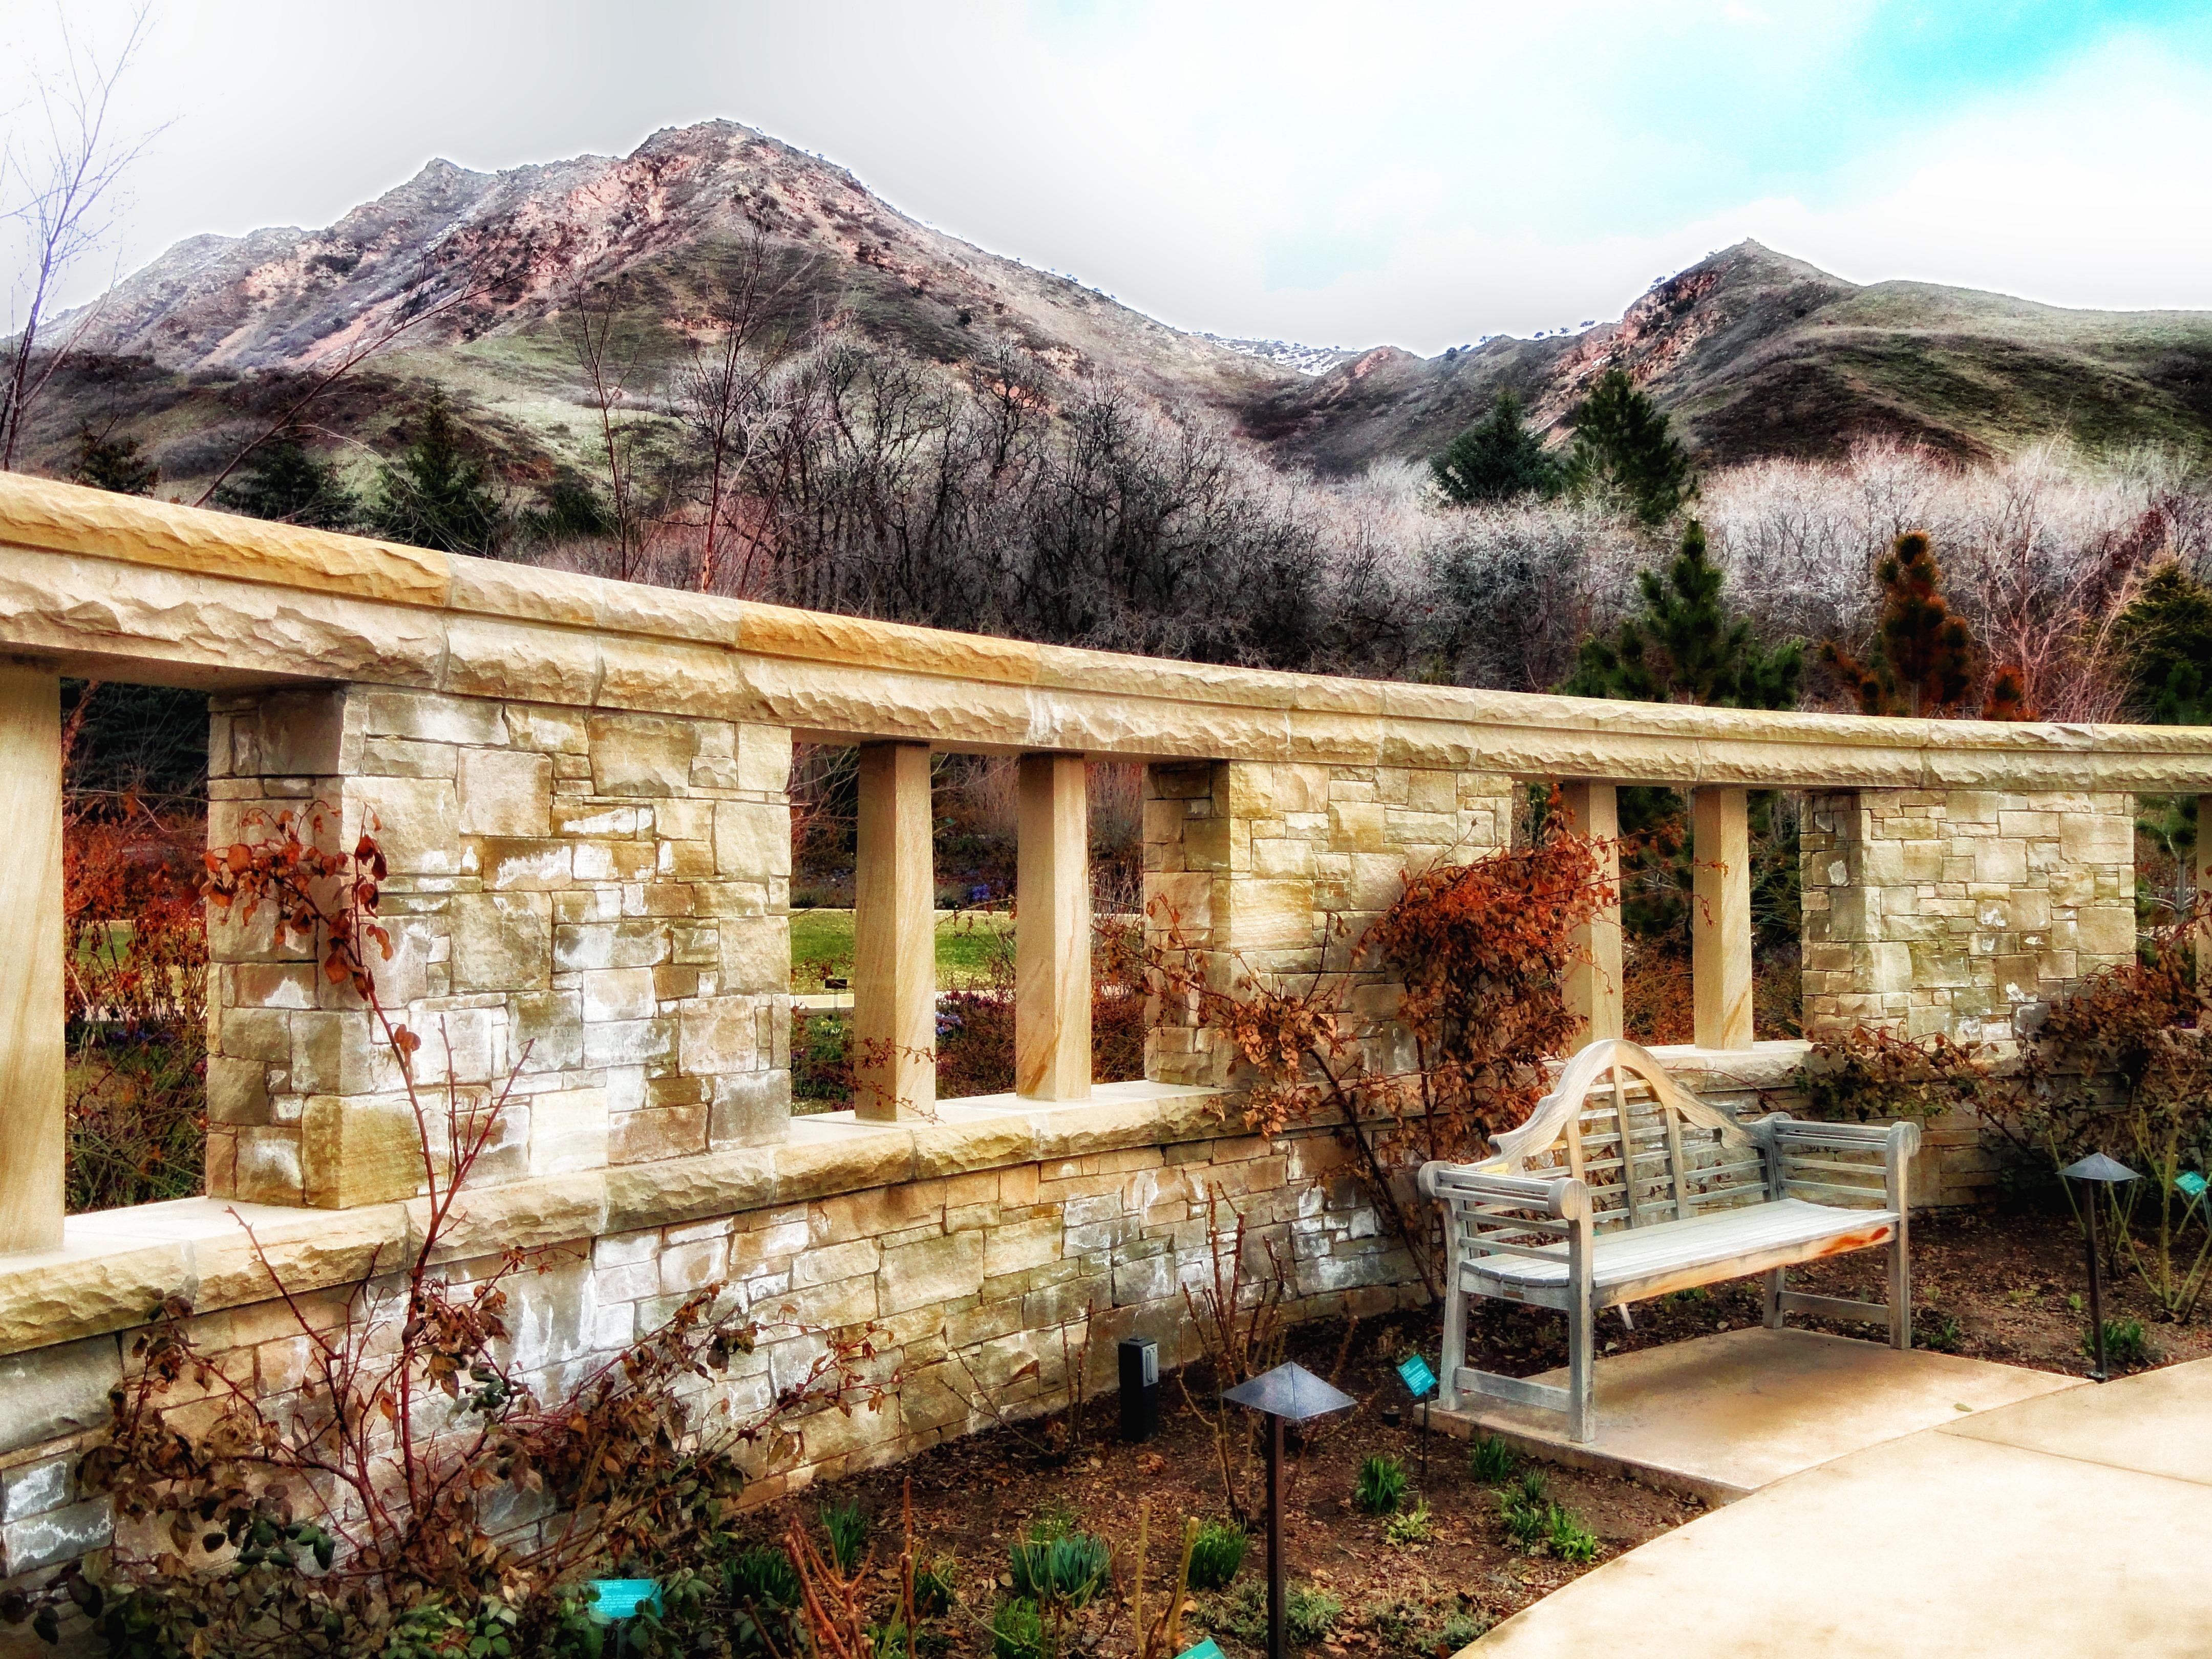 landschaft wald die architektur haus zuhause mauer htte dorf htte hinterhof eigentum bume hdr berge utah - Hinterhof Landschaften Bilder